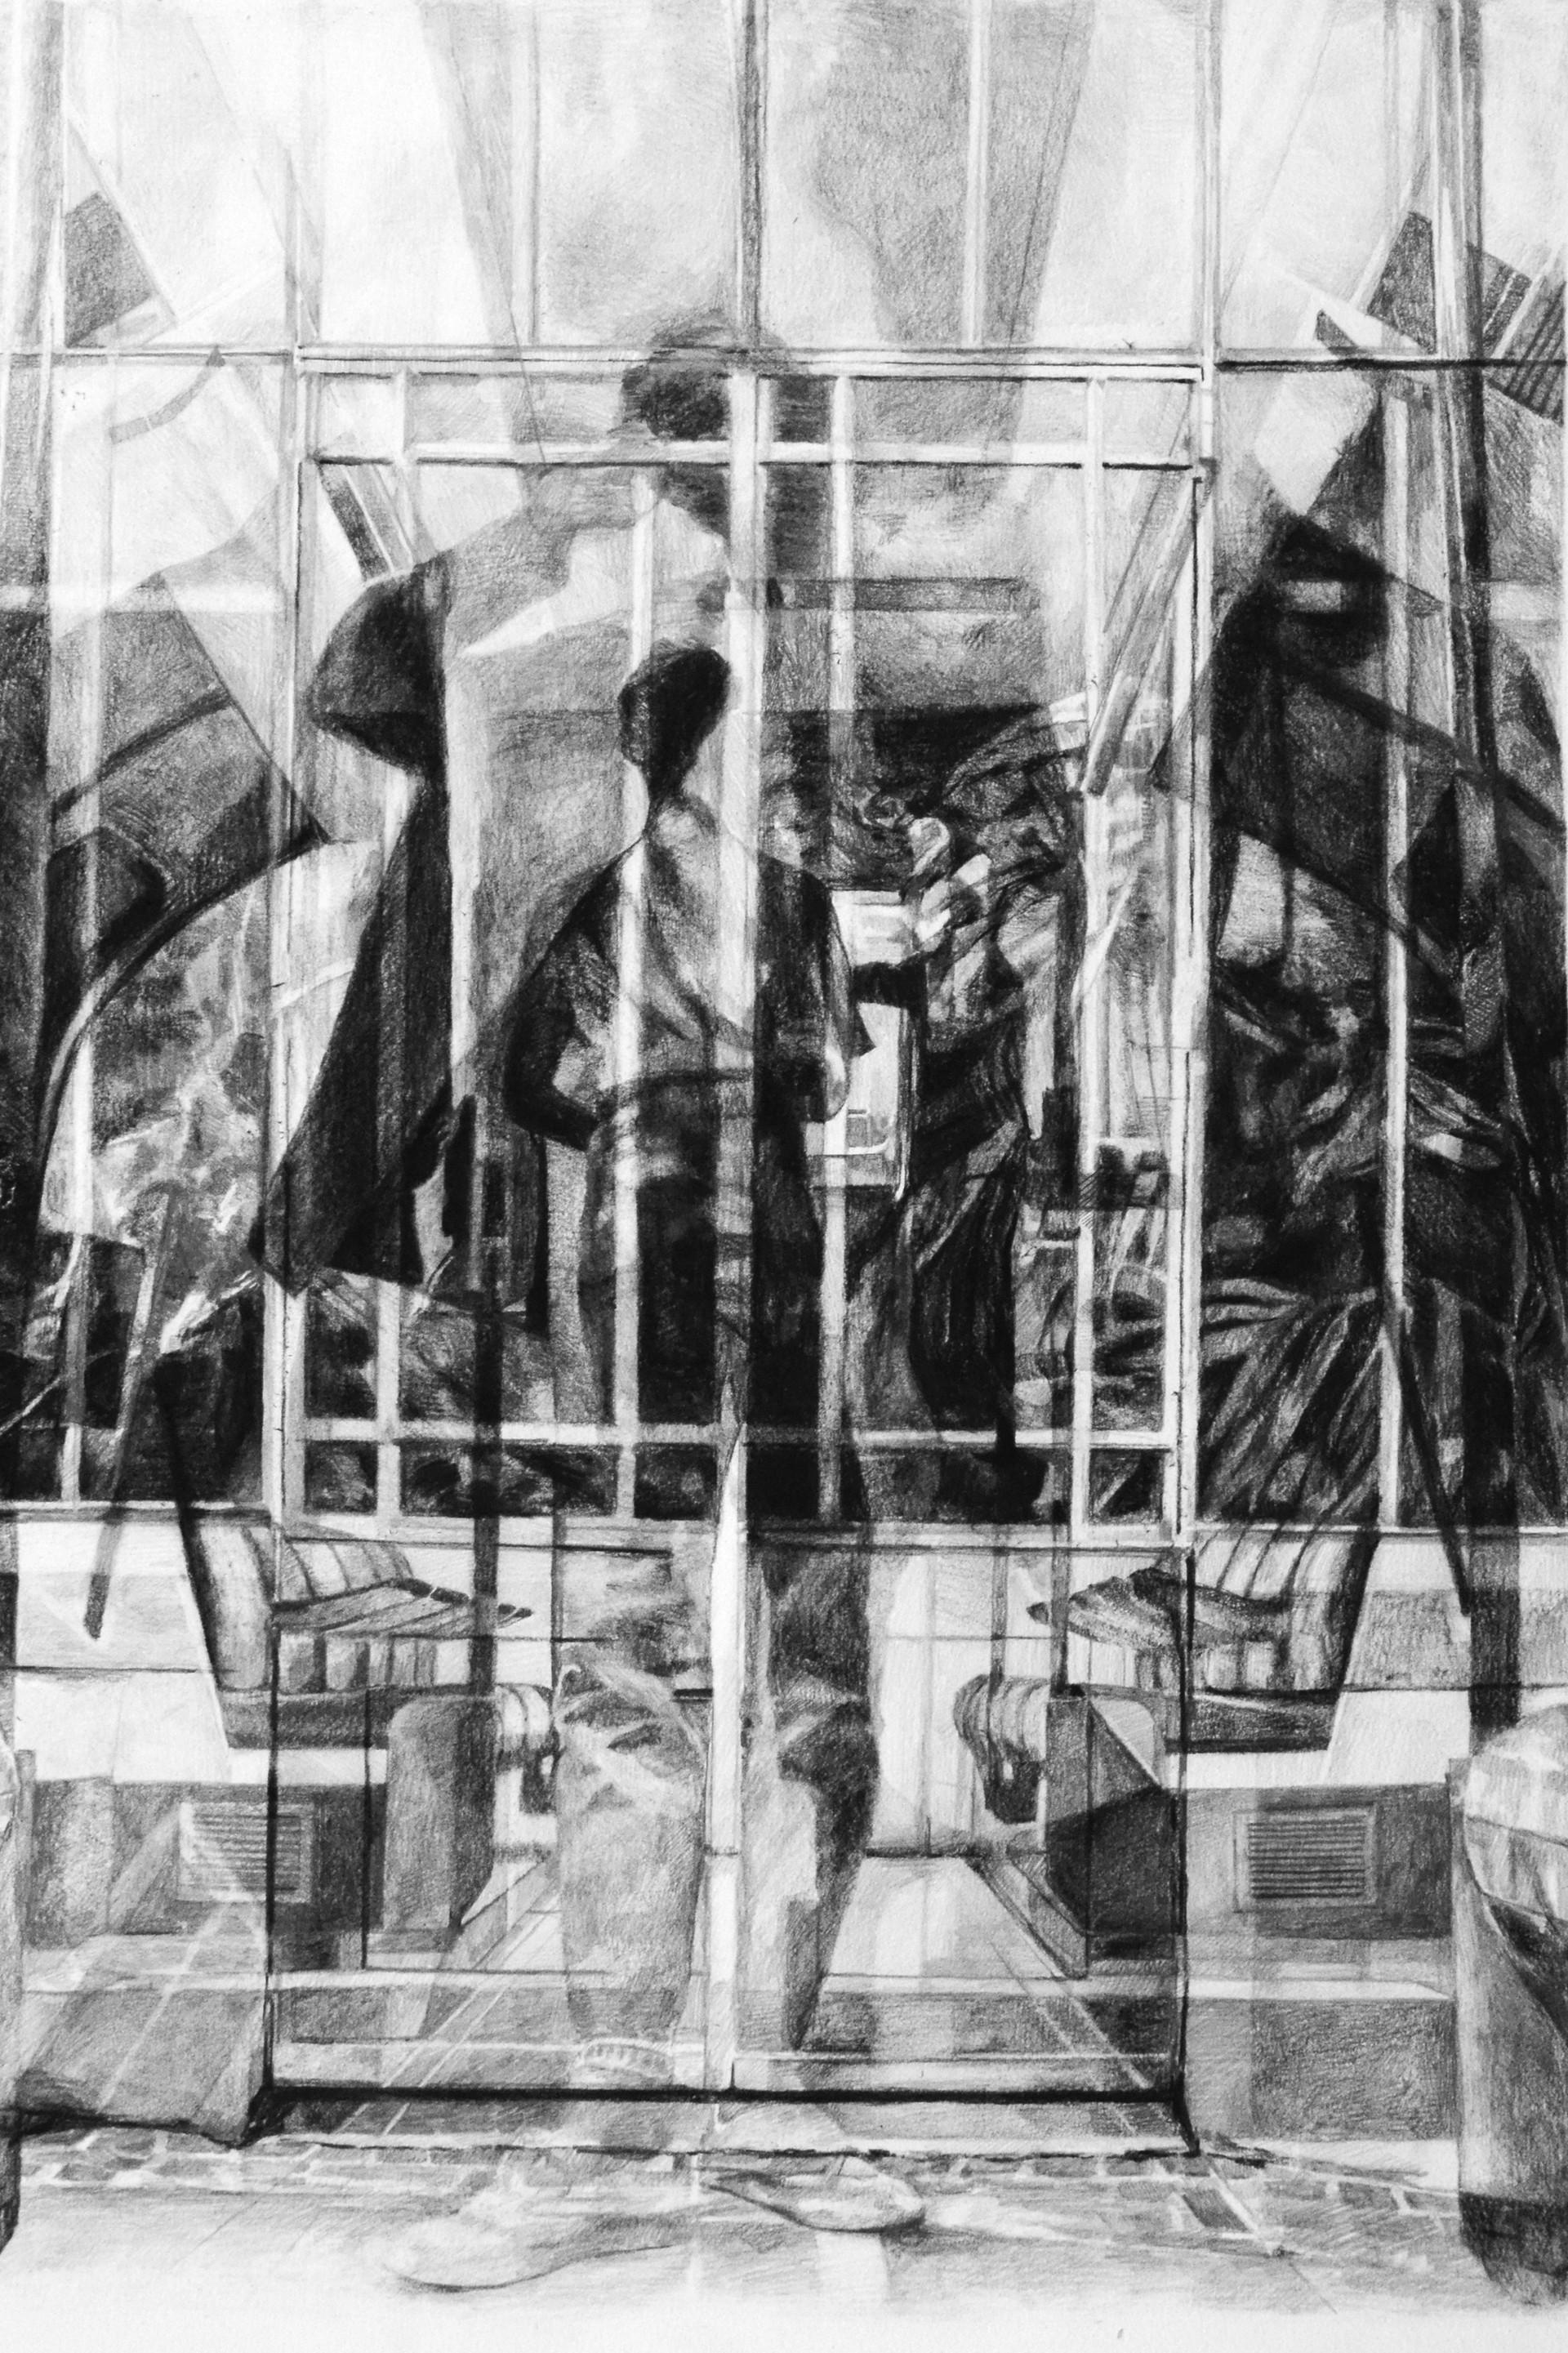 Grande serre, 2016, fusain et crayon sur papier, 70 x 50 cm